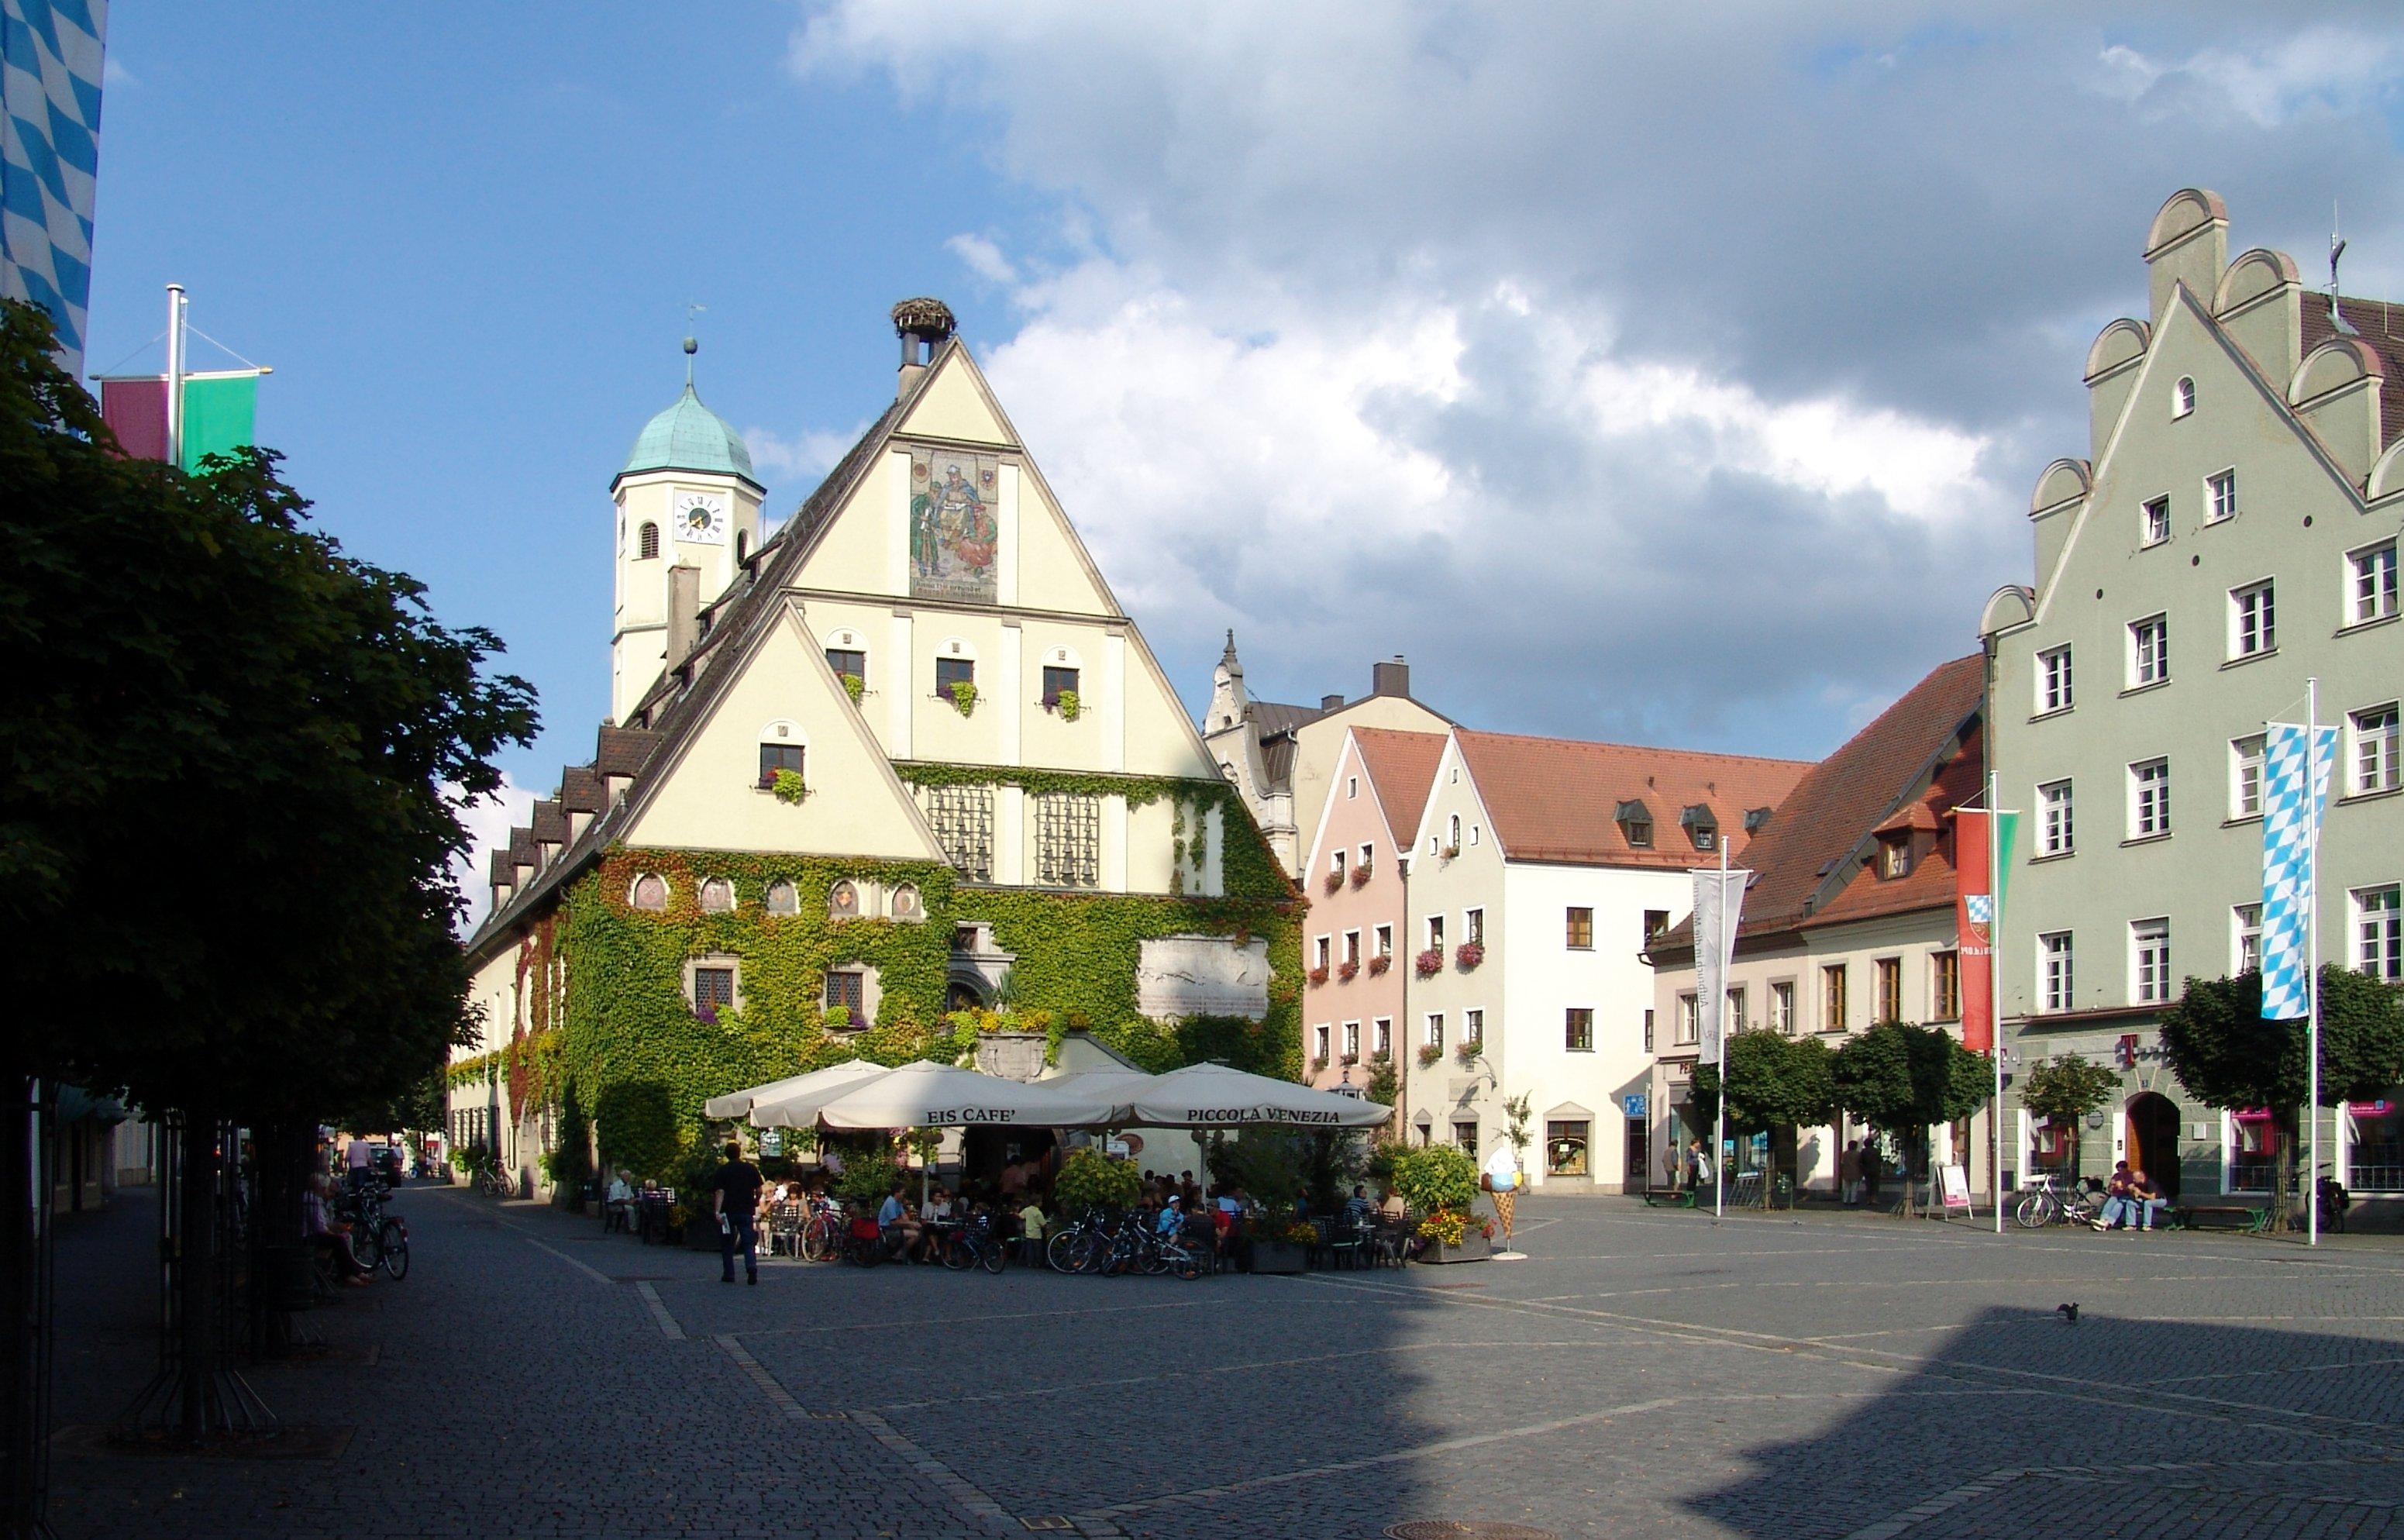 dating webseiten Weiden in der Oberpfalz